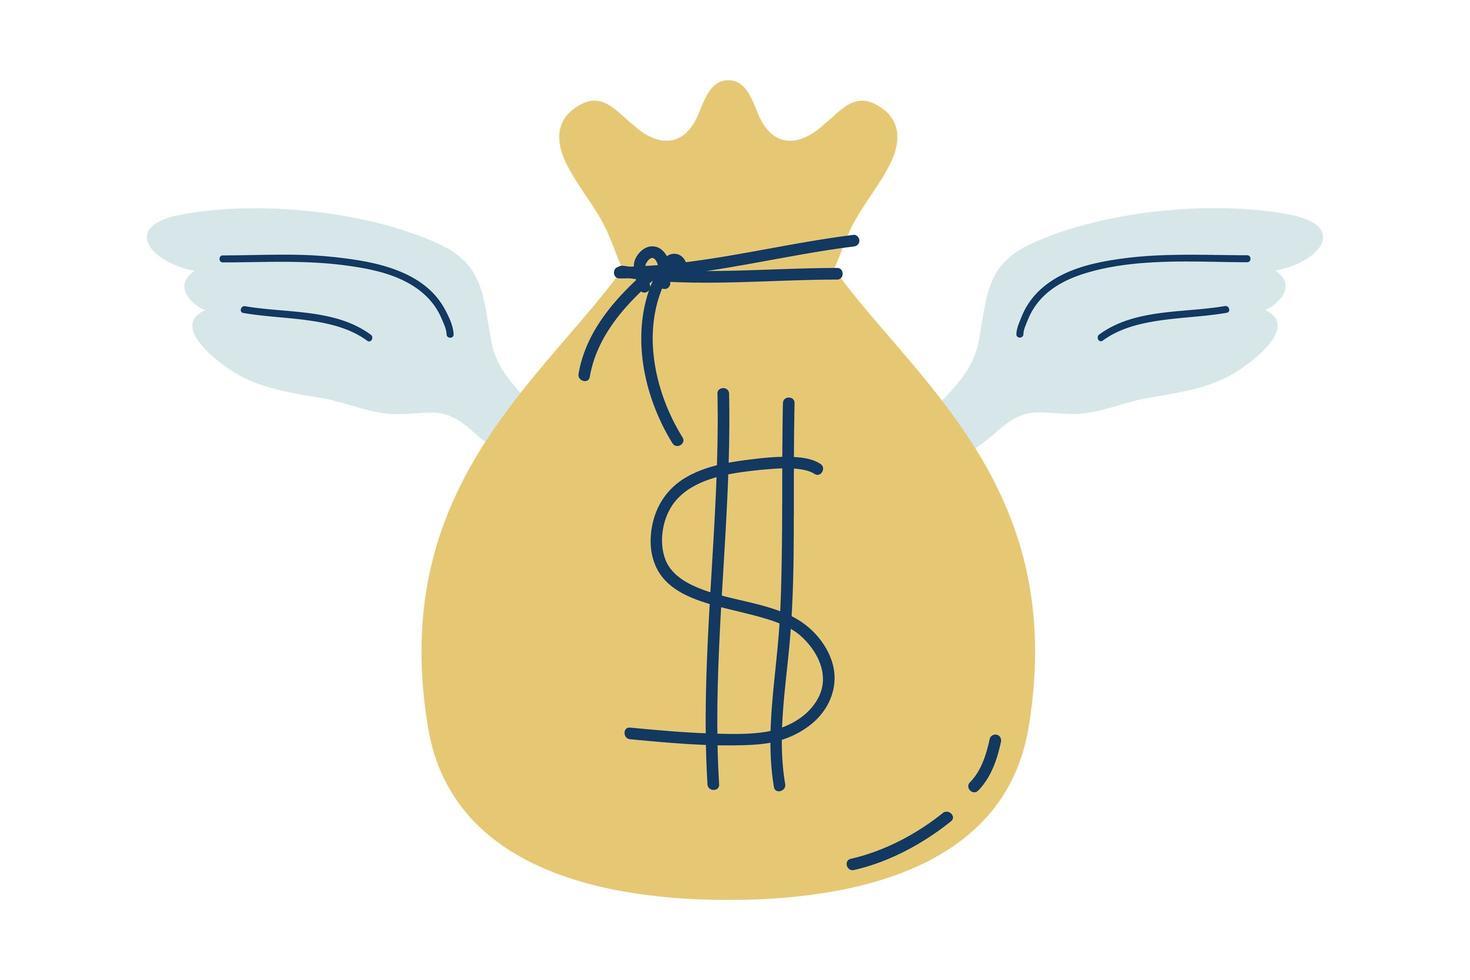 sac de dollar en argent avec des ailes volant vecteur